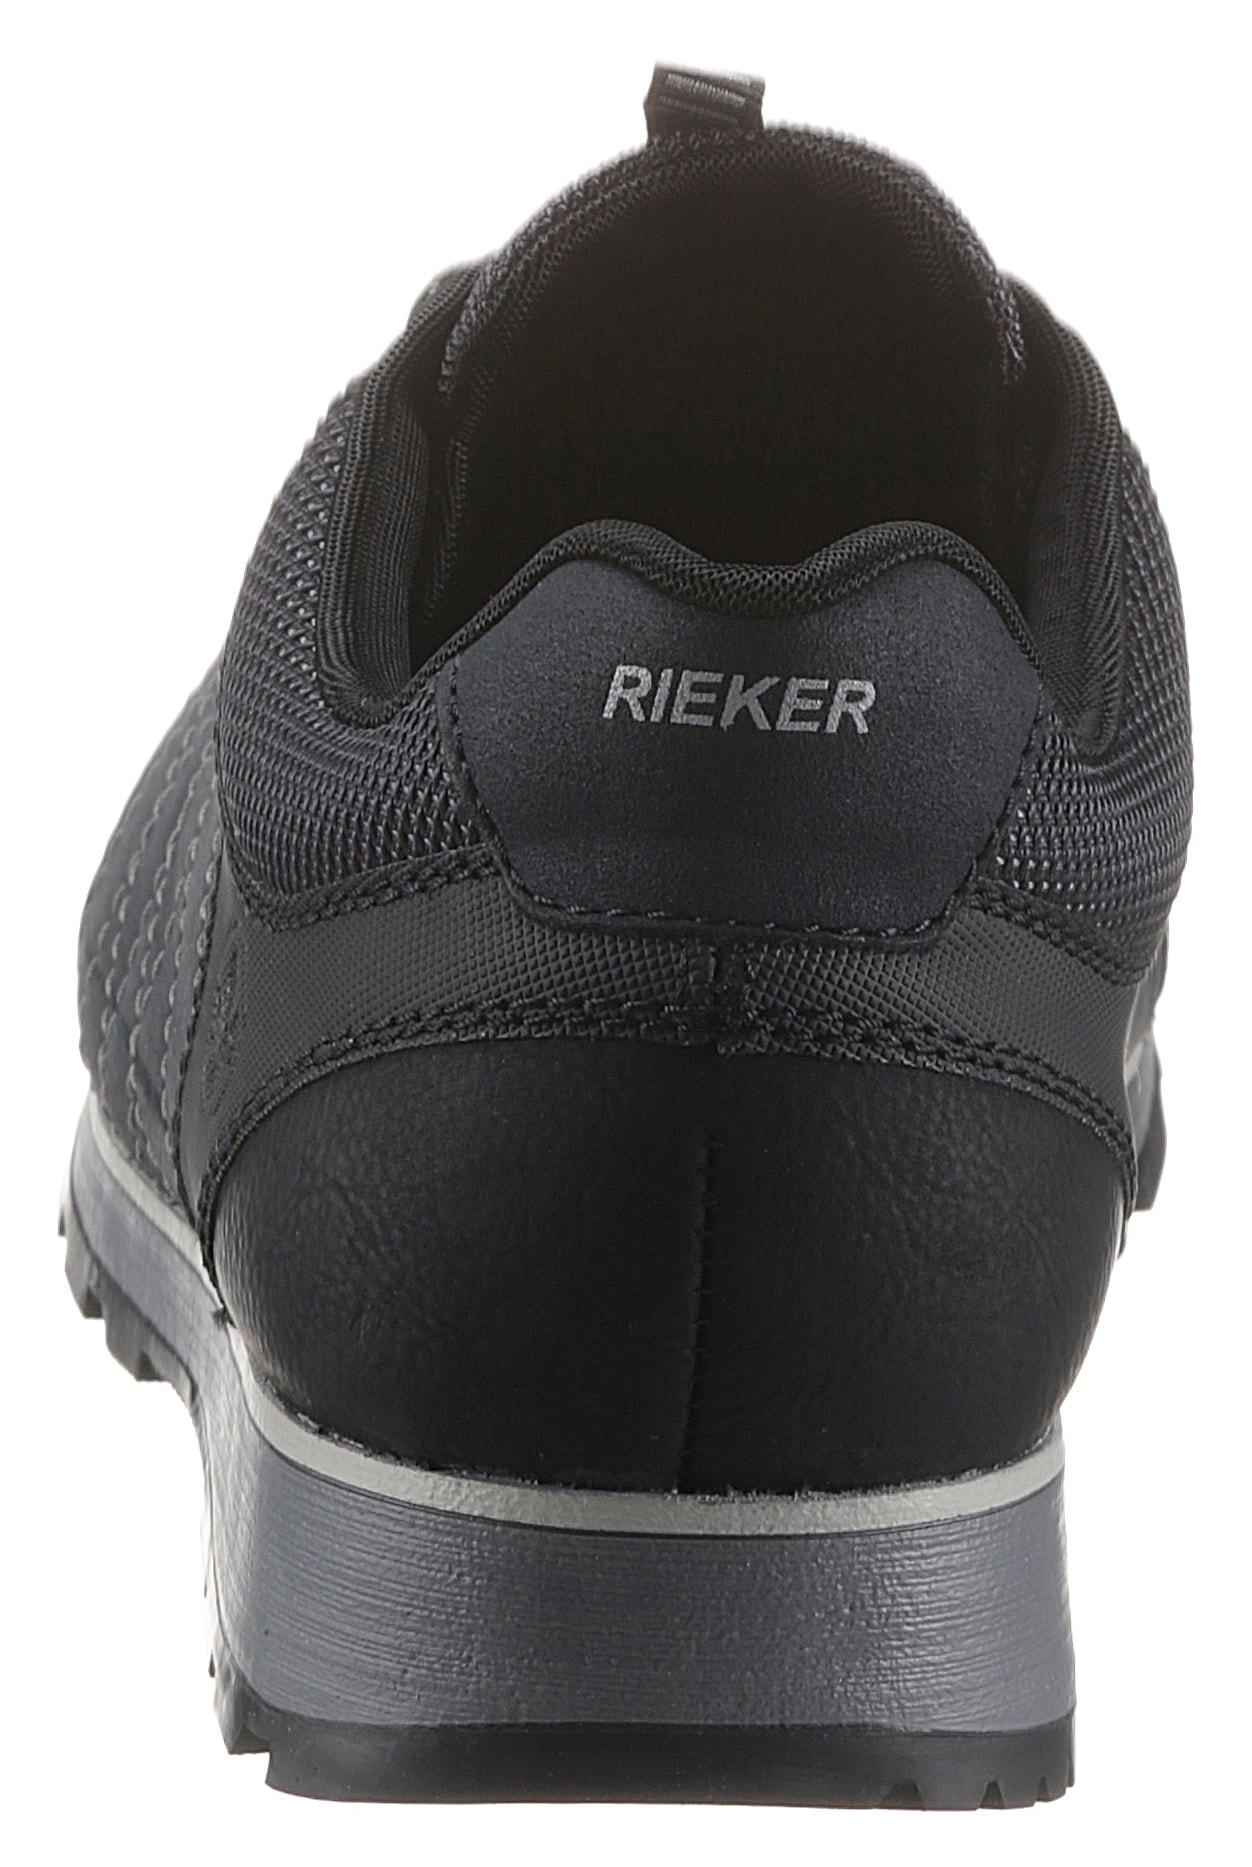 rieker -  Schnürschuh, mit MemoSoft-Ausstattung